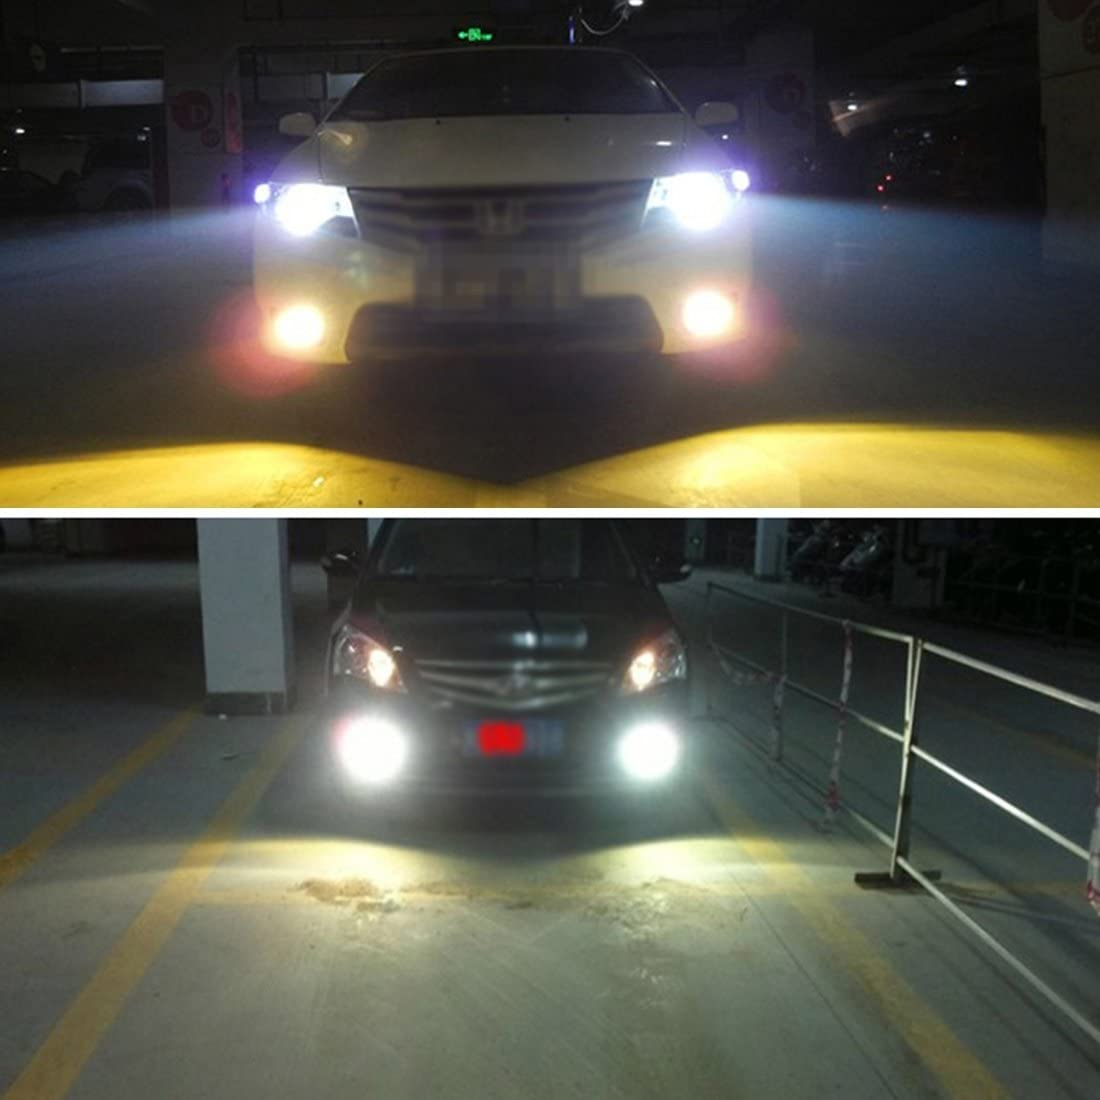 AC 12V LYN 2 PCS D2H 55W 5500K HID-Lampen Xenon-Licht-Lampen-Qualit/äts-Scheinwerfer-Birnen